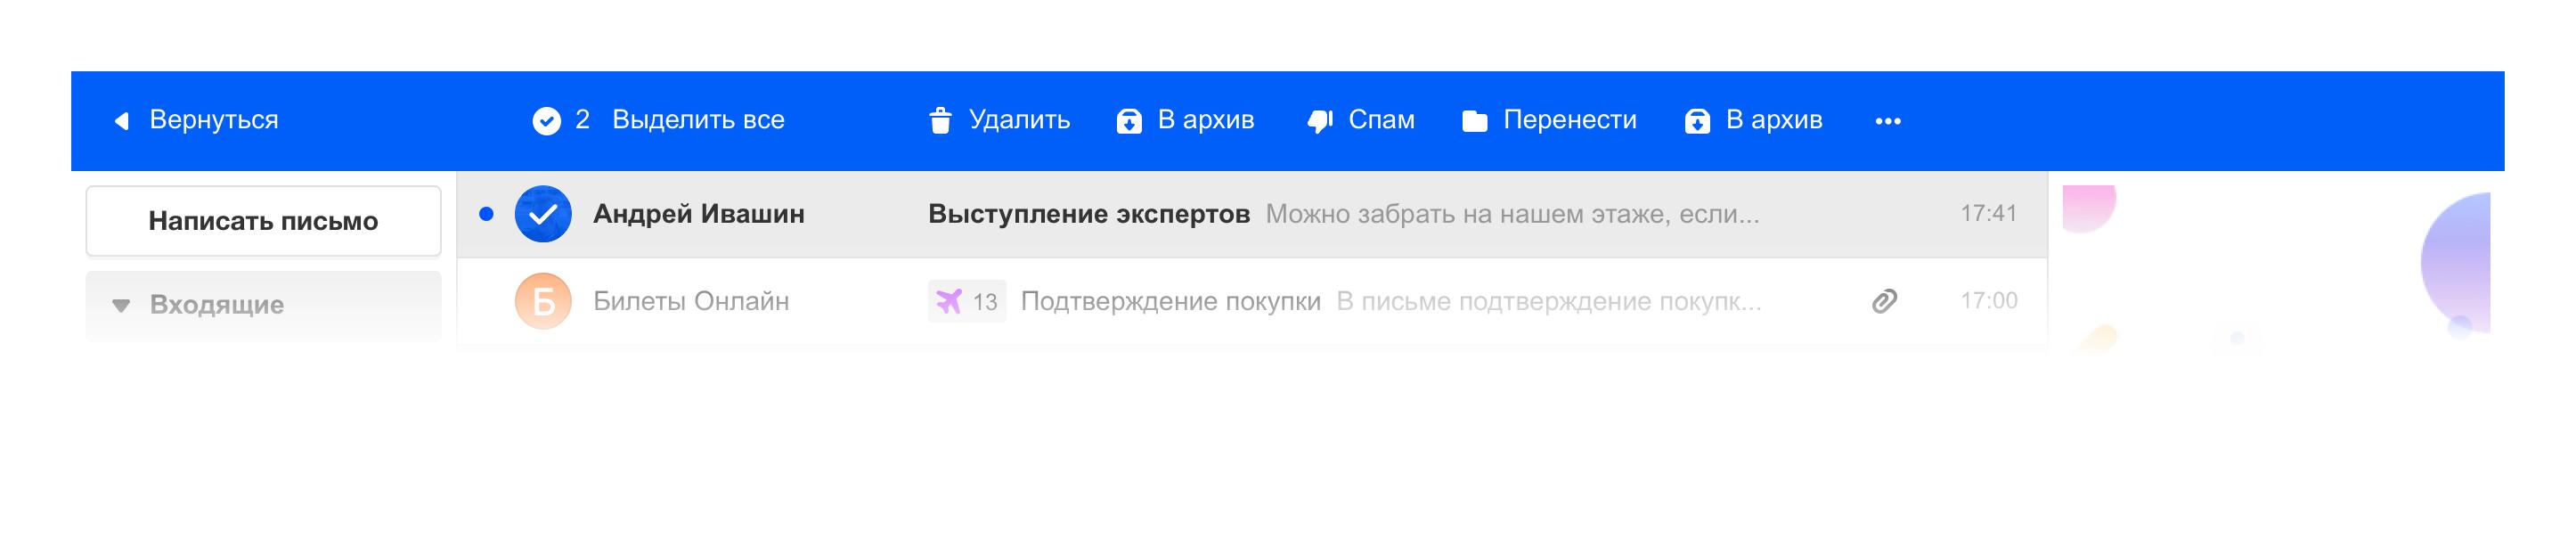 Новая Почта Mail.ru и при чем тут осьминог - 27